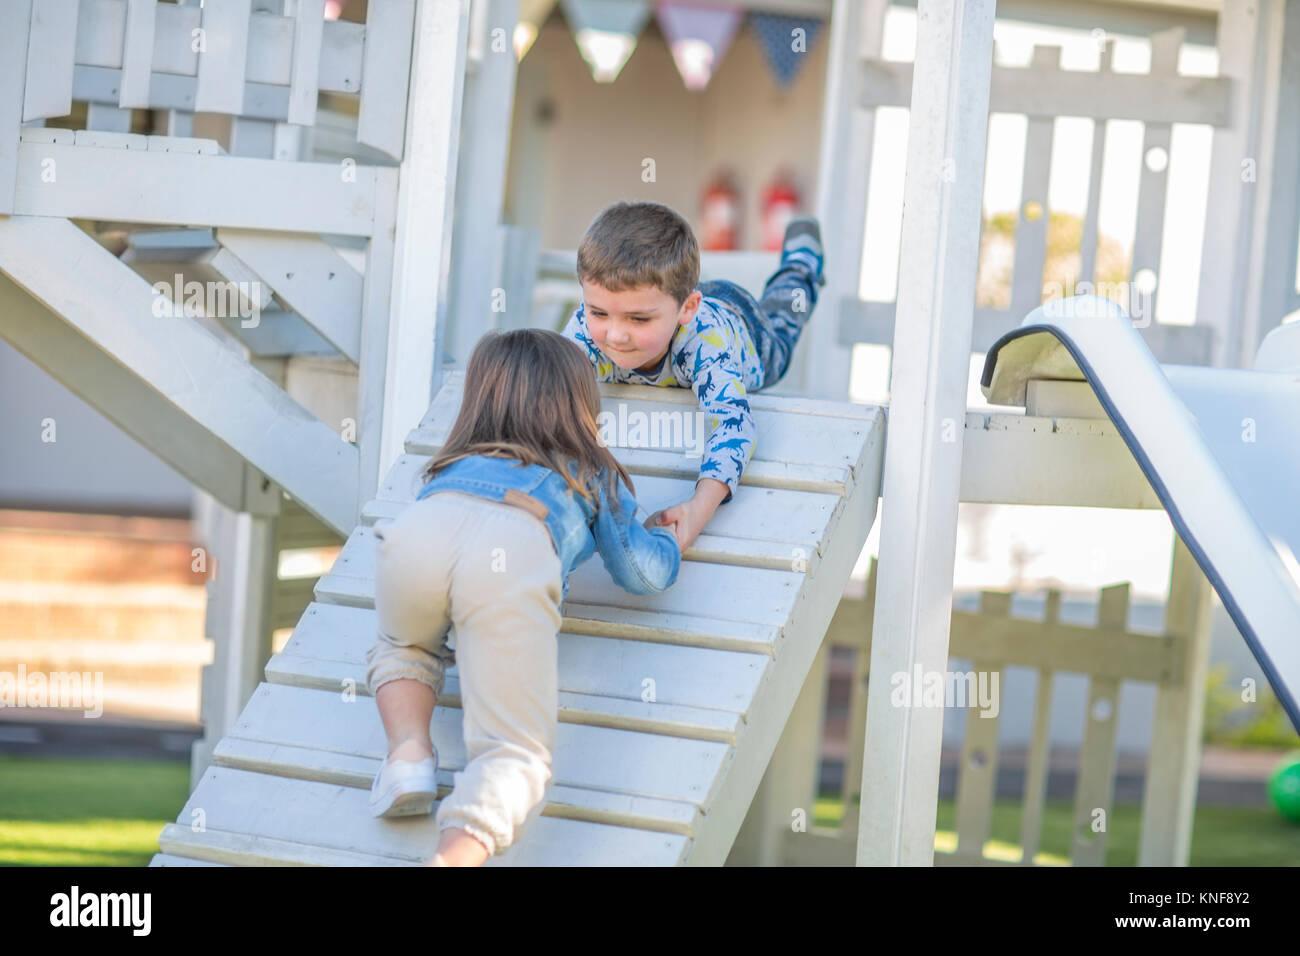 Klettergerüst Wohnzimmer : Mädchen und jungen in der vorschule helfende hand bis zur rampe am